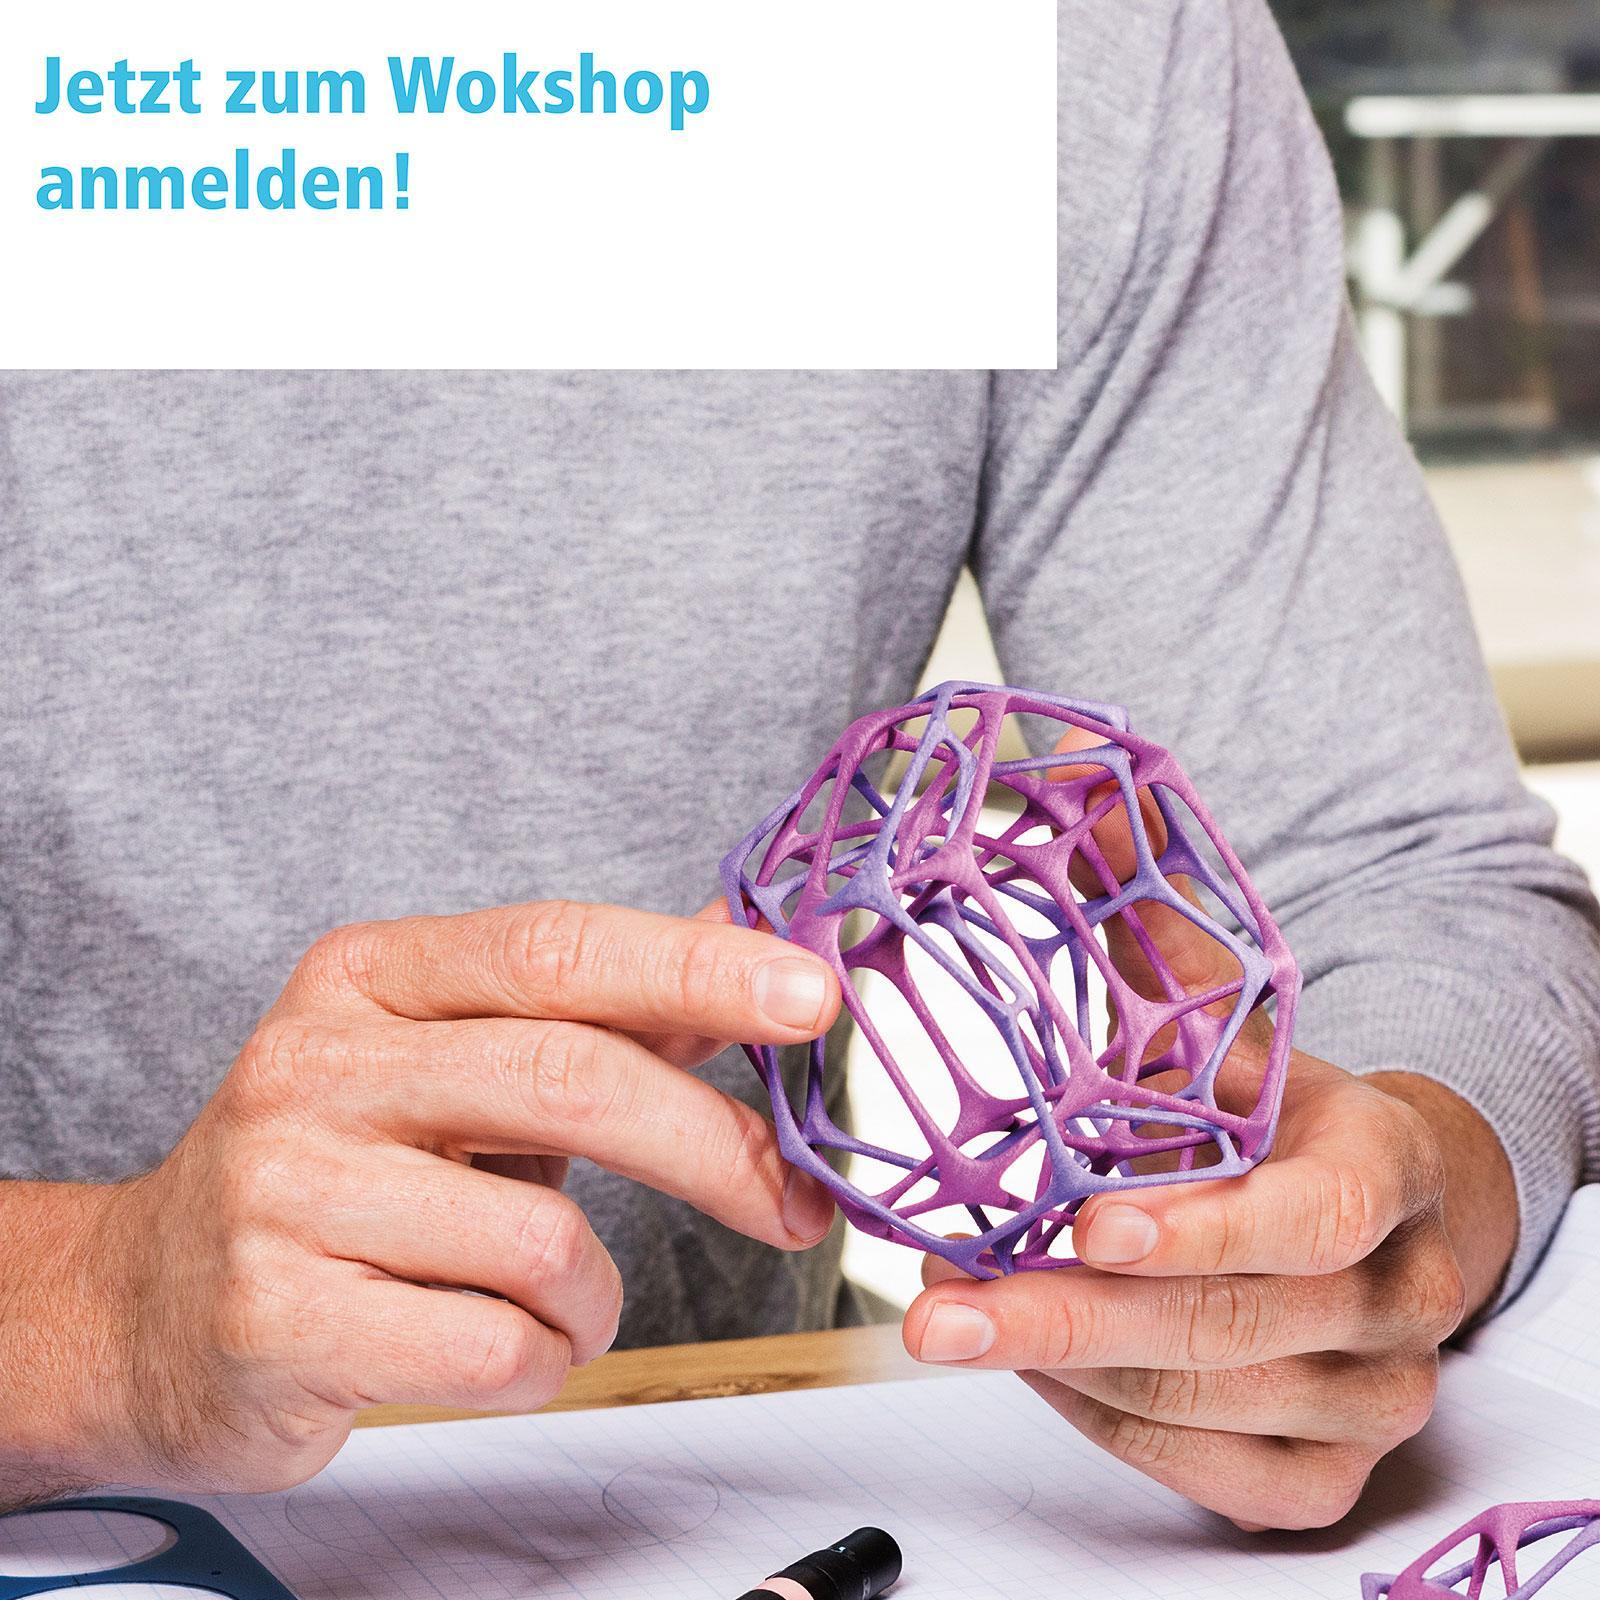 Zum 3D-Workshop anmelden!